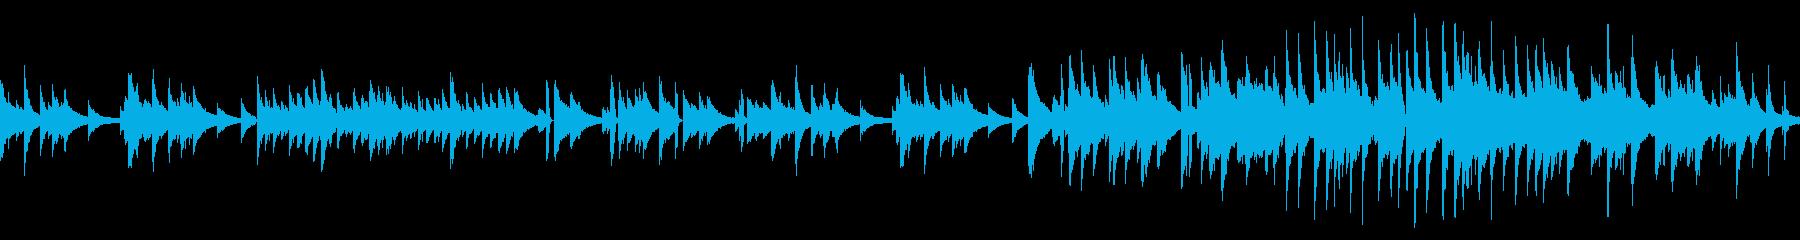 ピアノソロバラードBGM(ループ仕様)の再生済みの波形